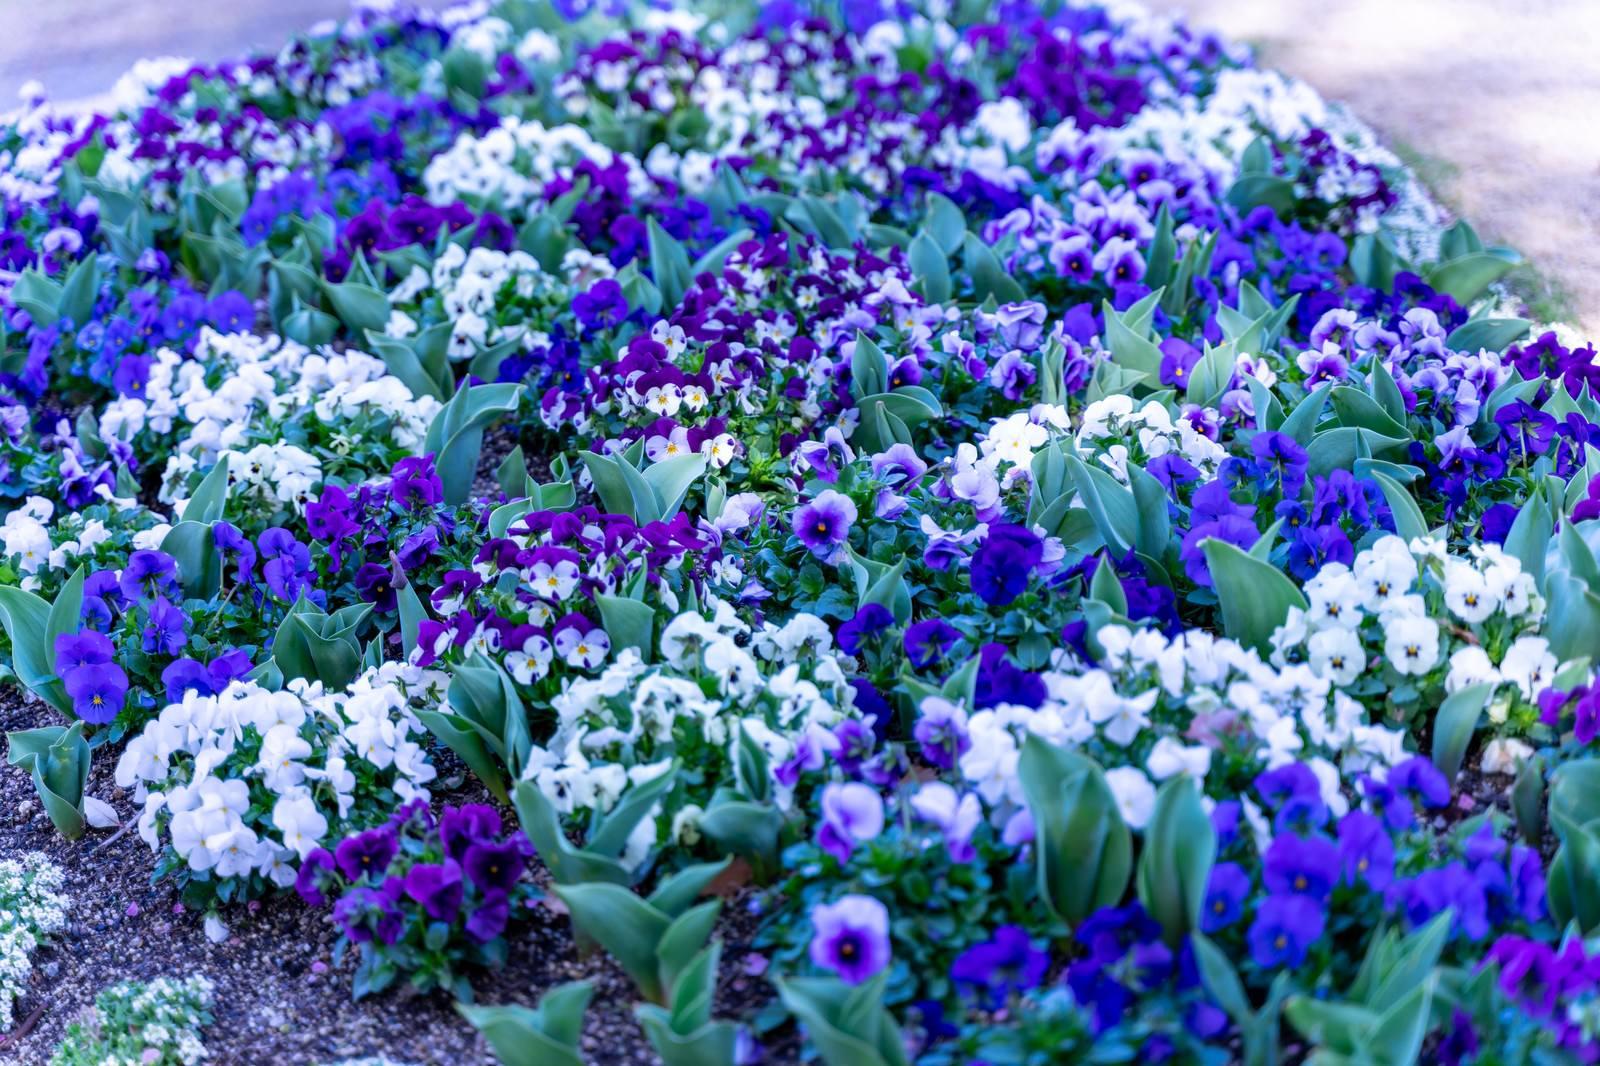 「花壇に咲いたスミレ科の花」の写真